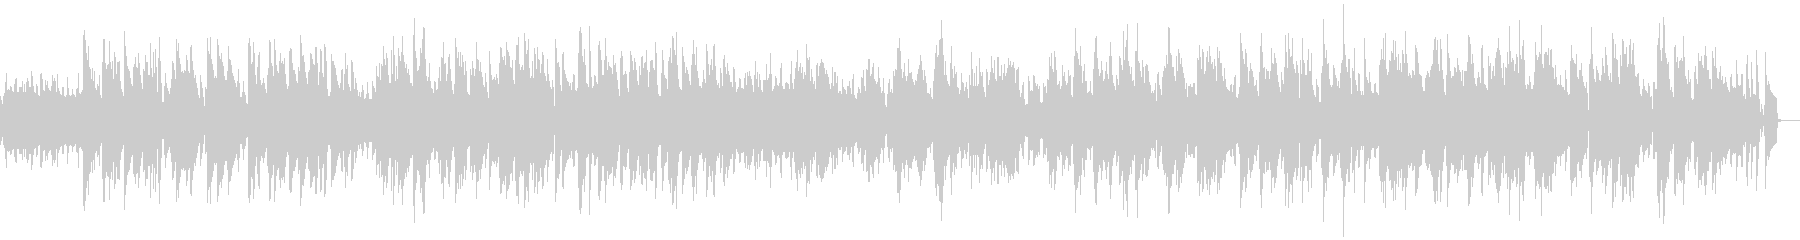 物憂げなピアノのジャズバラードの未再生の波形